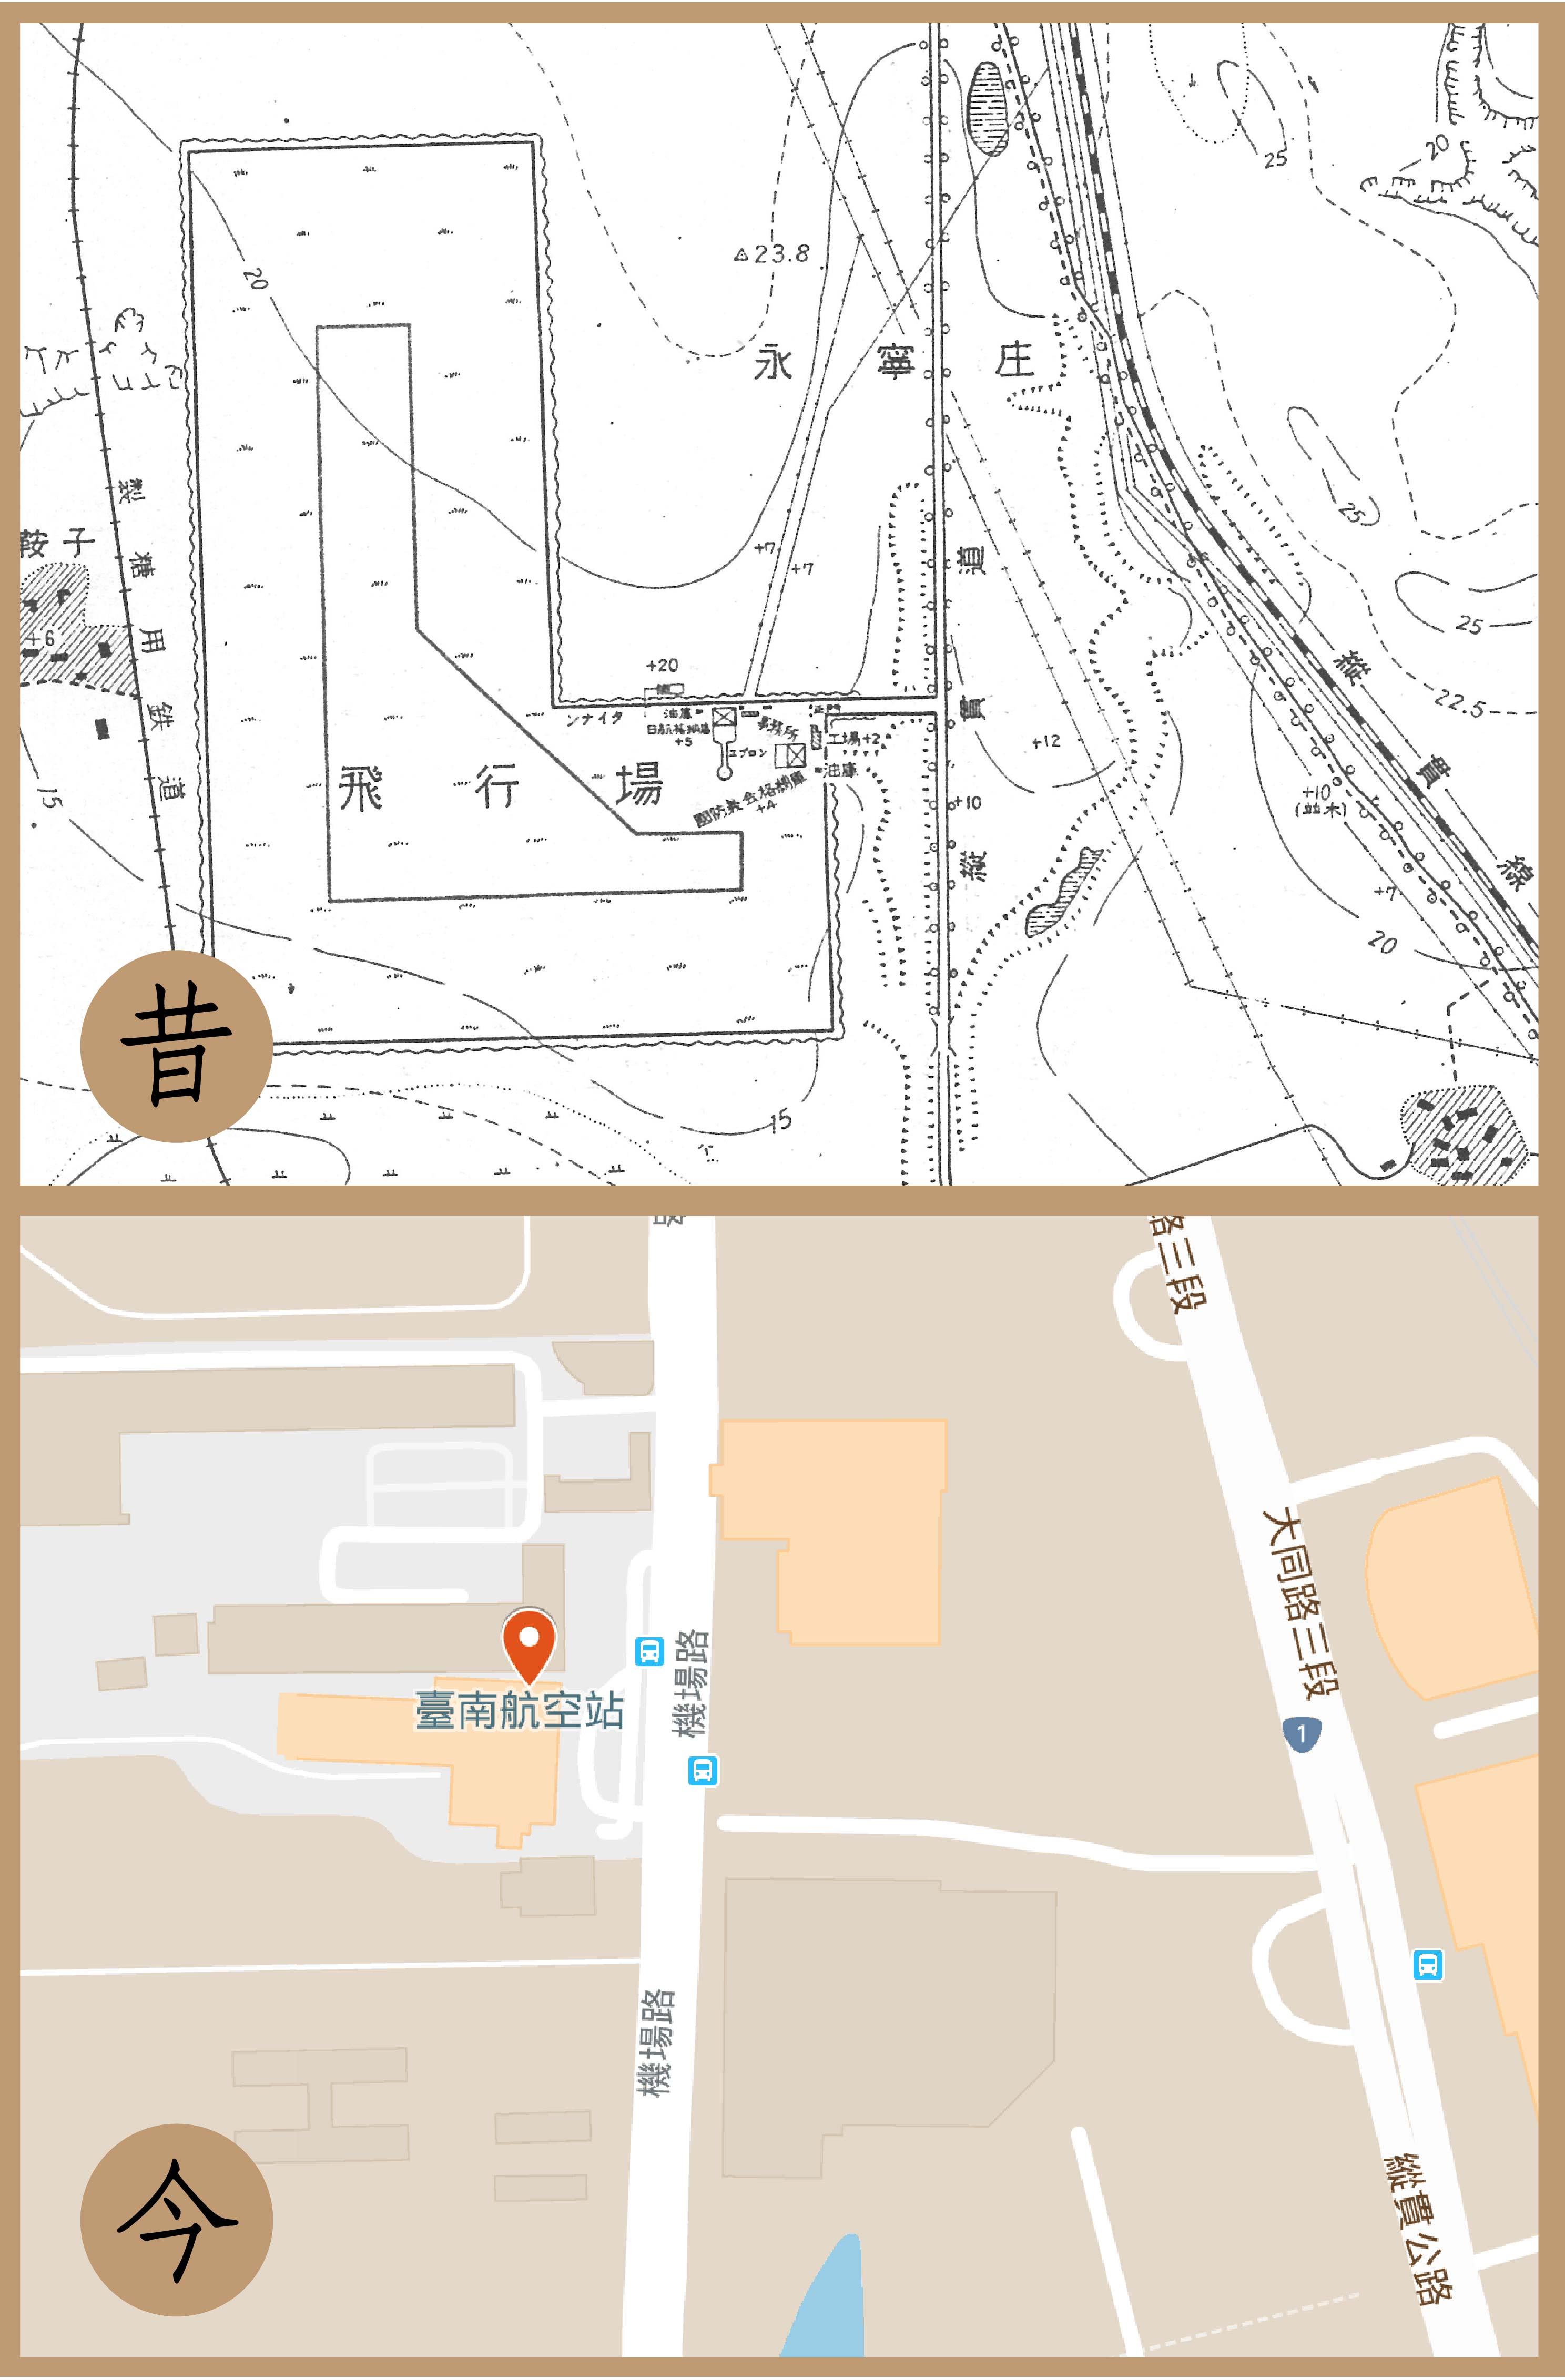 1940 年臺南飛行場平面圖,與當今臺南航空站的地圖對照。圖│日本防衛省防衛研究所戰史研究中心